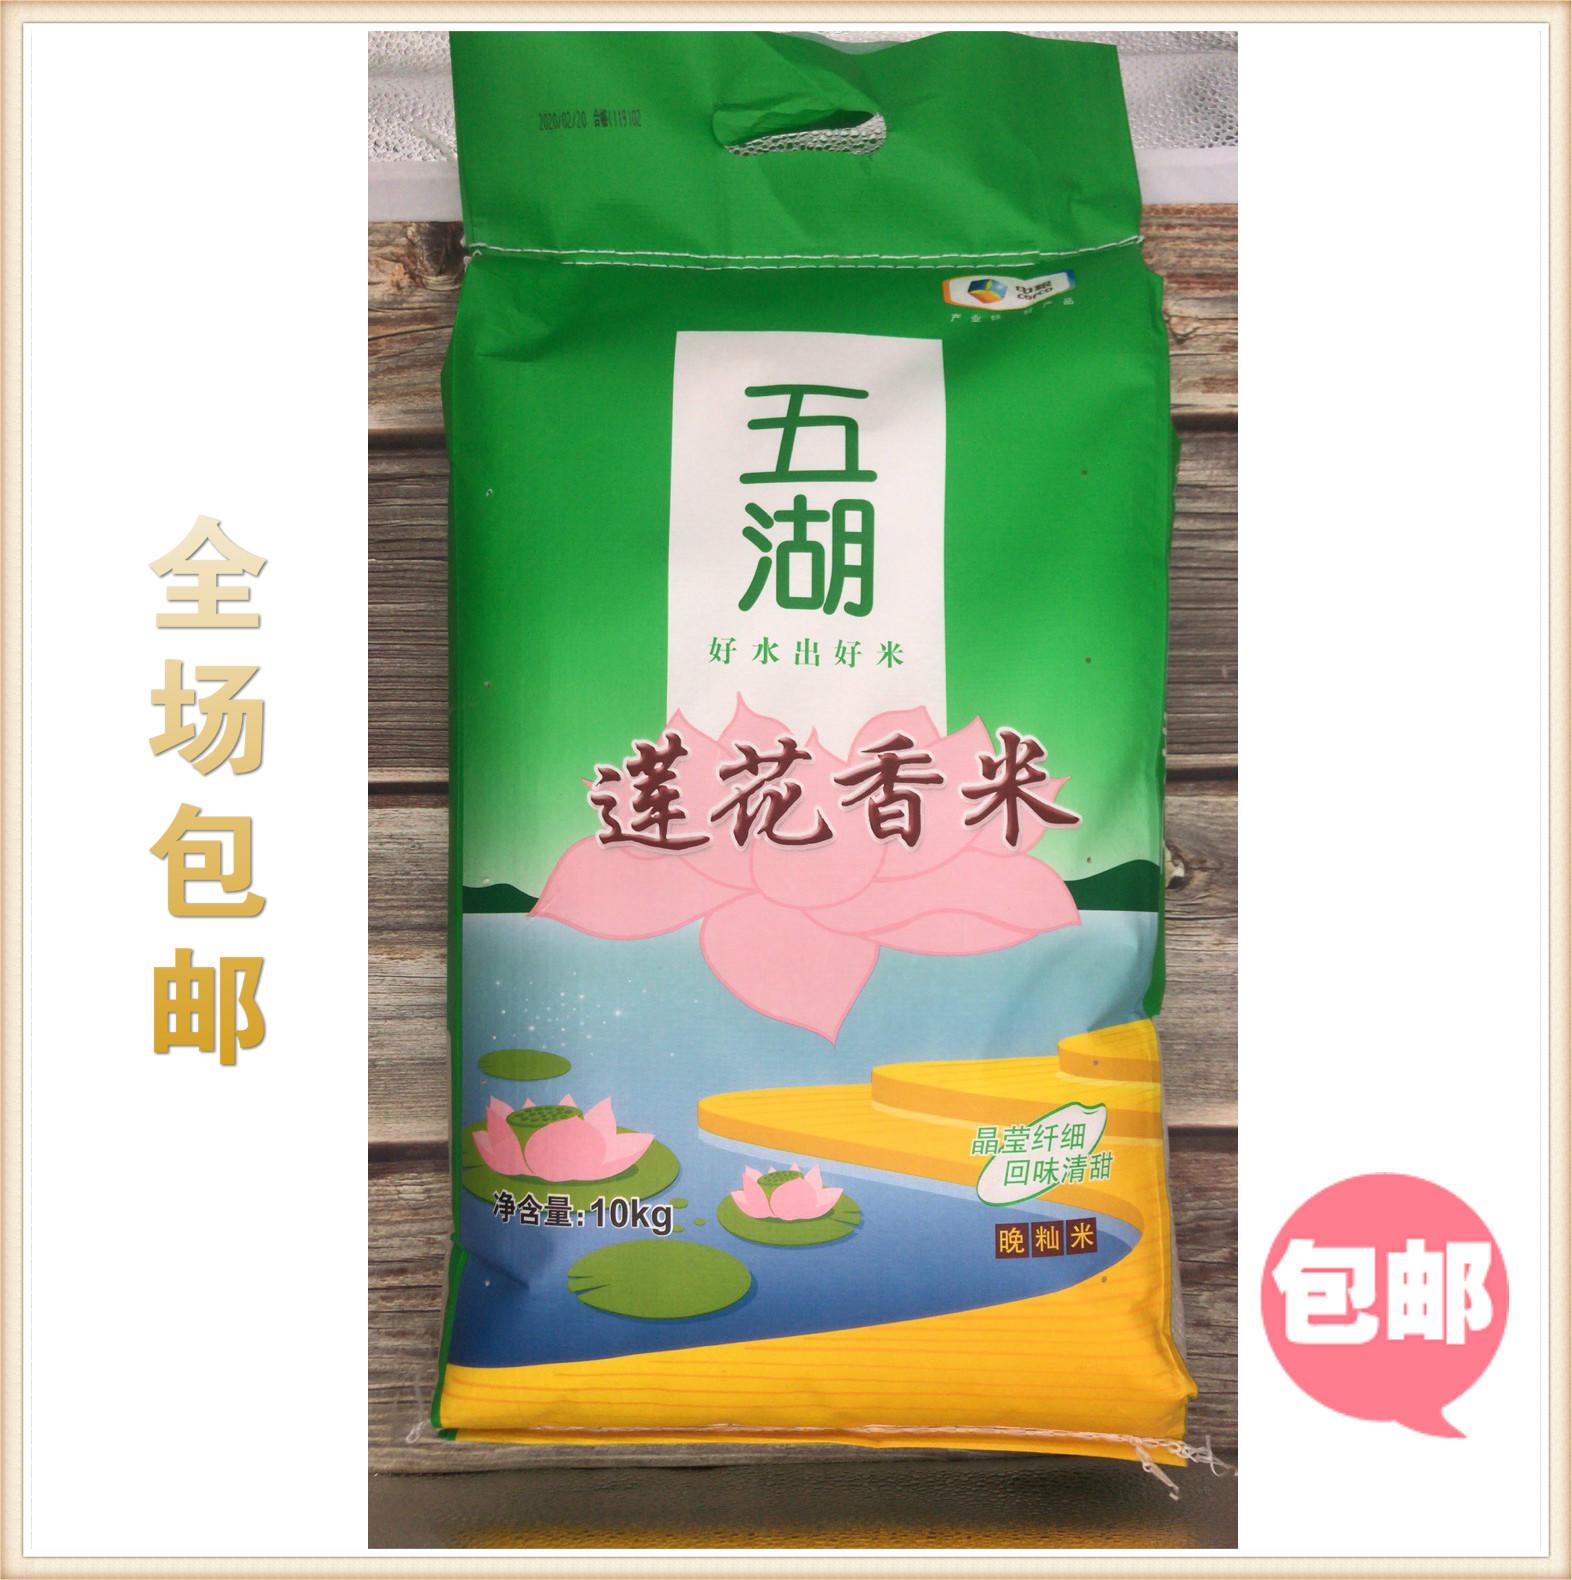 【品质保证】中粮五湖籼米南方大米莲花香米10公斤/袋